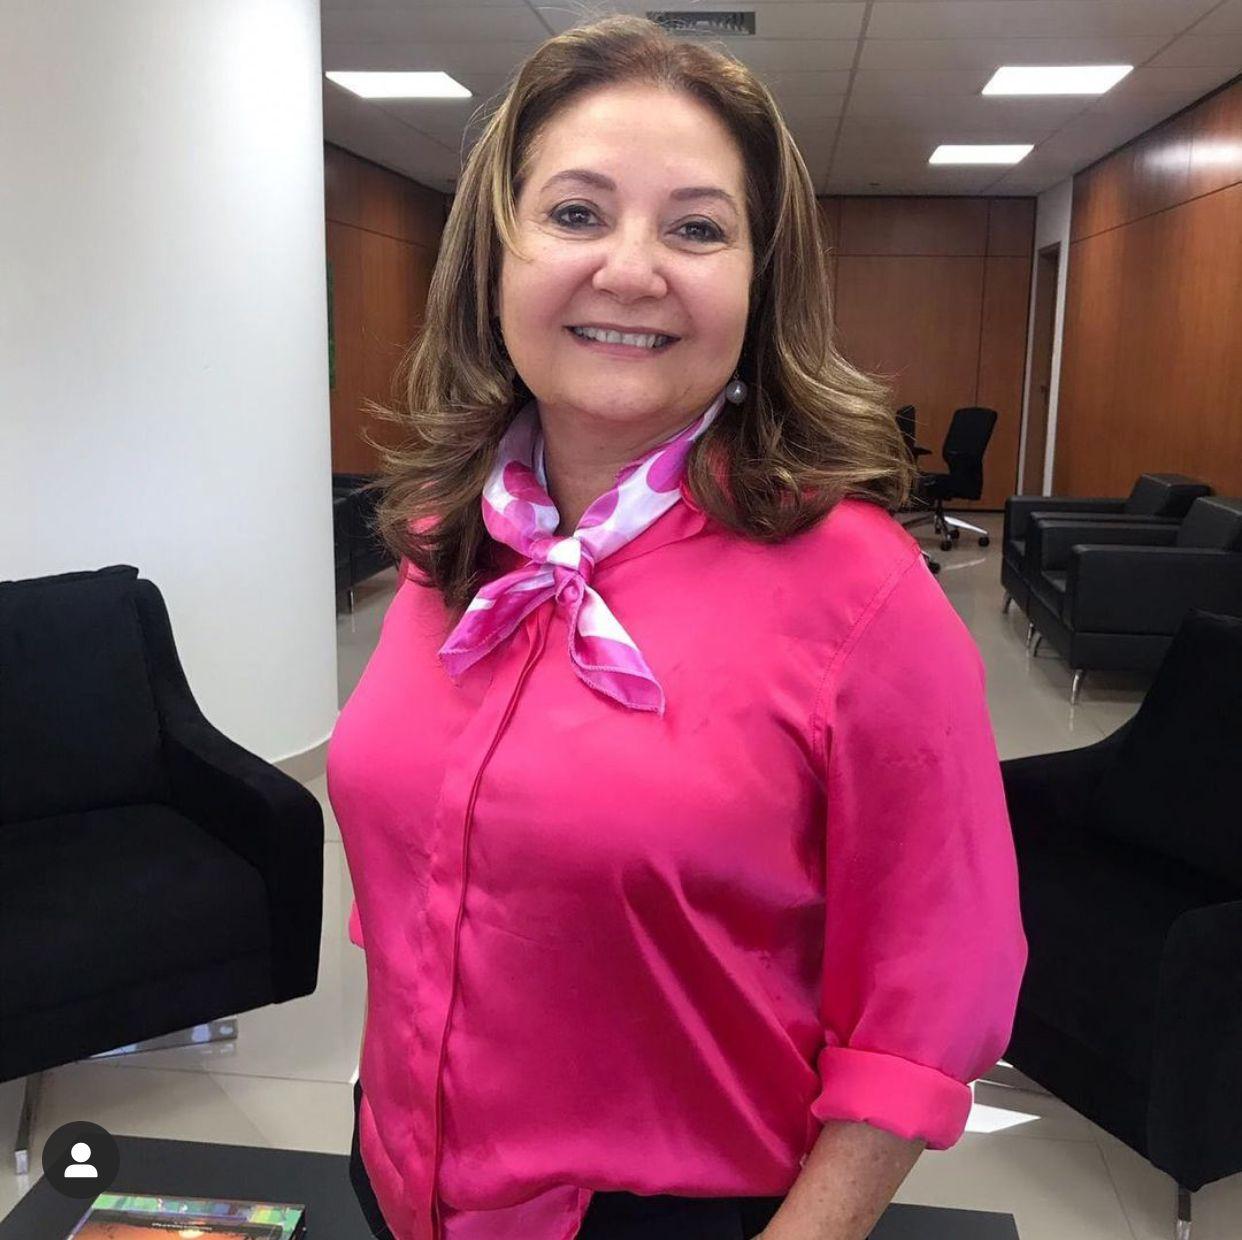 Desembargadora Liana Chaib